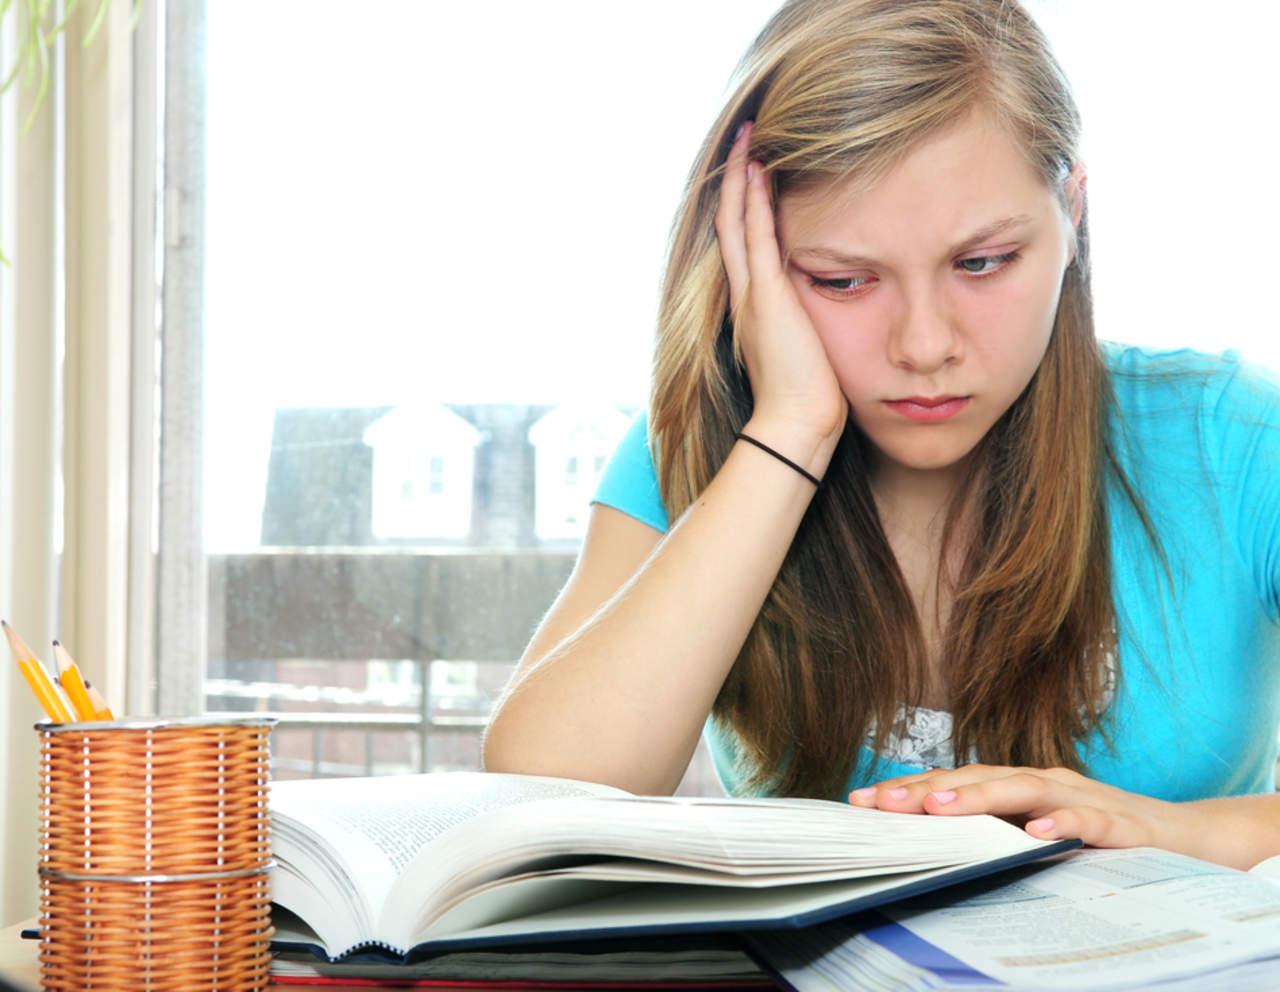 Depresión juvenil debe ser tratada a tiempo